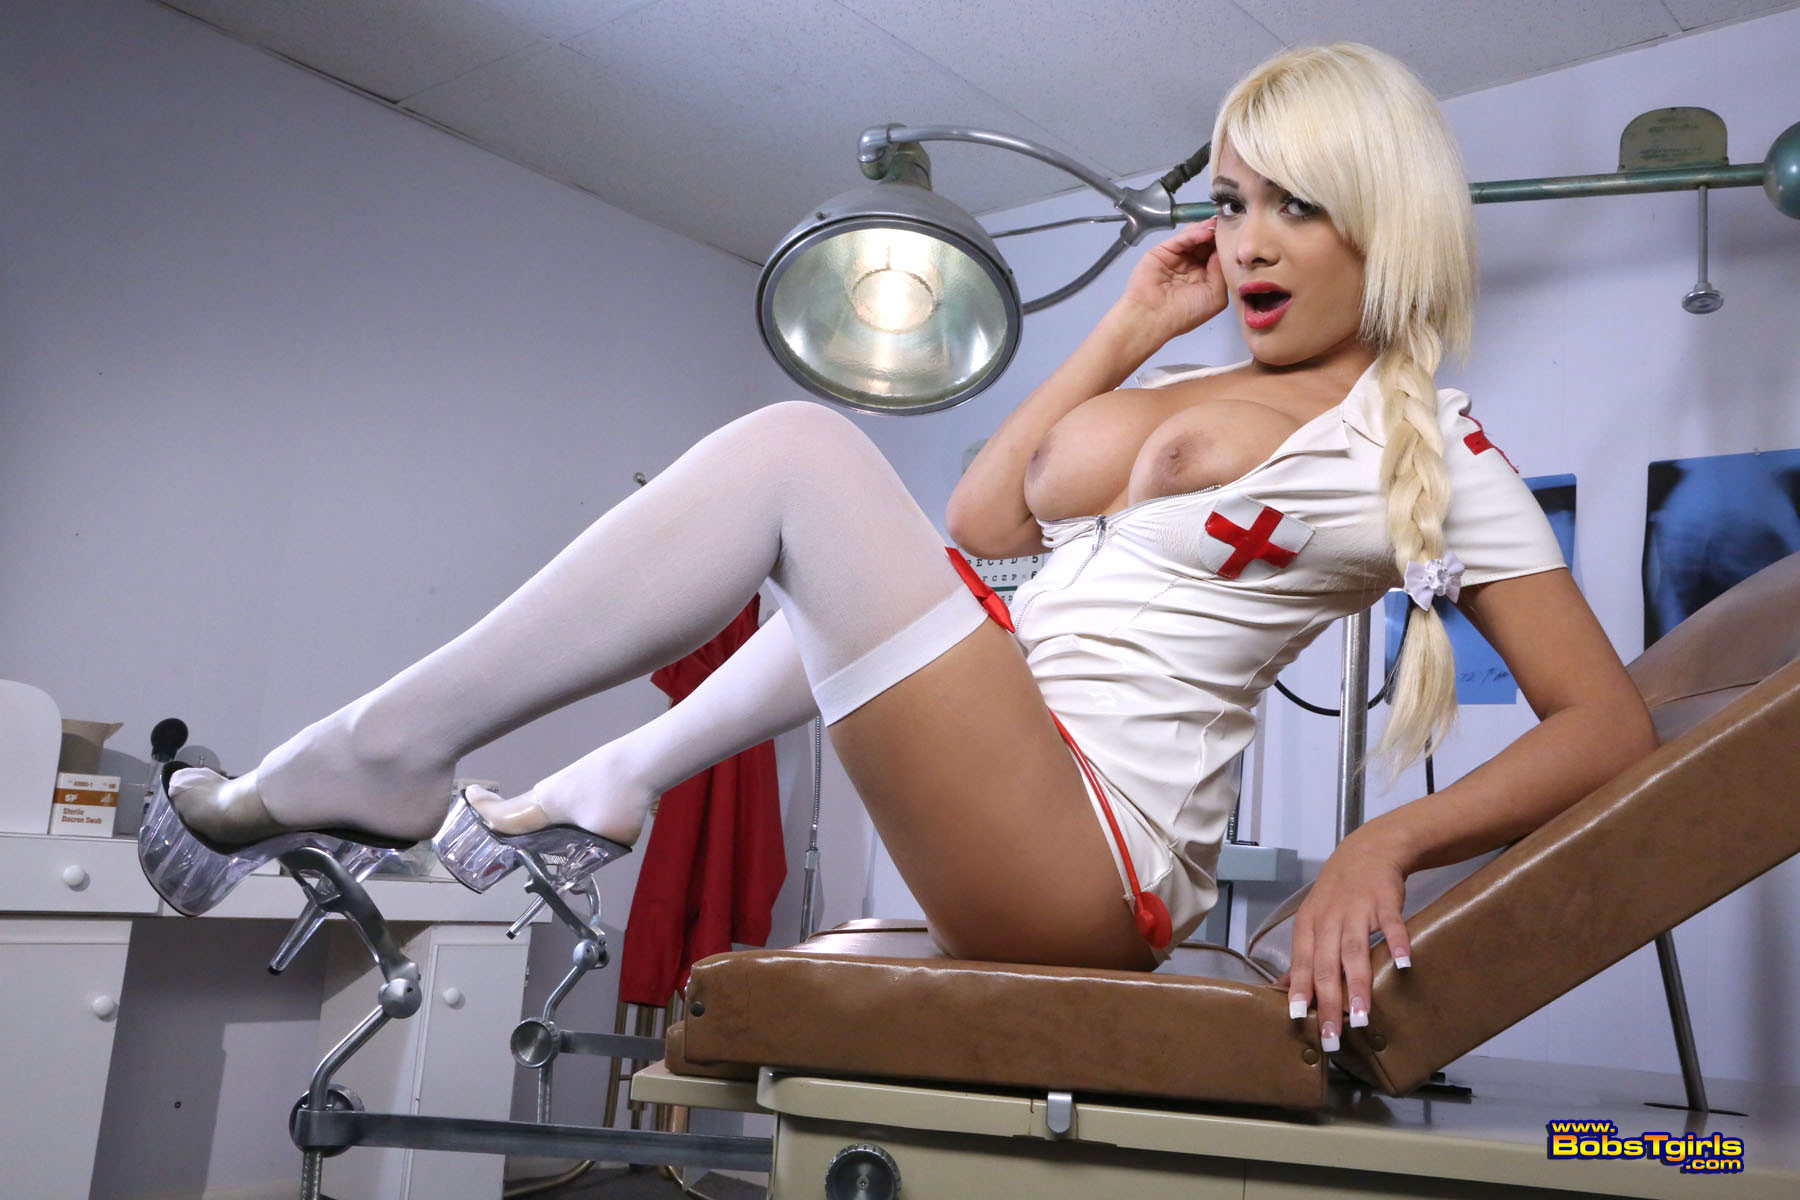 Фото медсестра эротика, Голые медсестры - эротика в больнице - фото 7 фотография